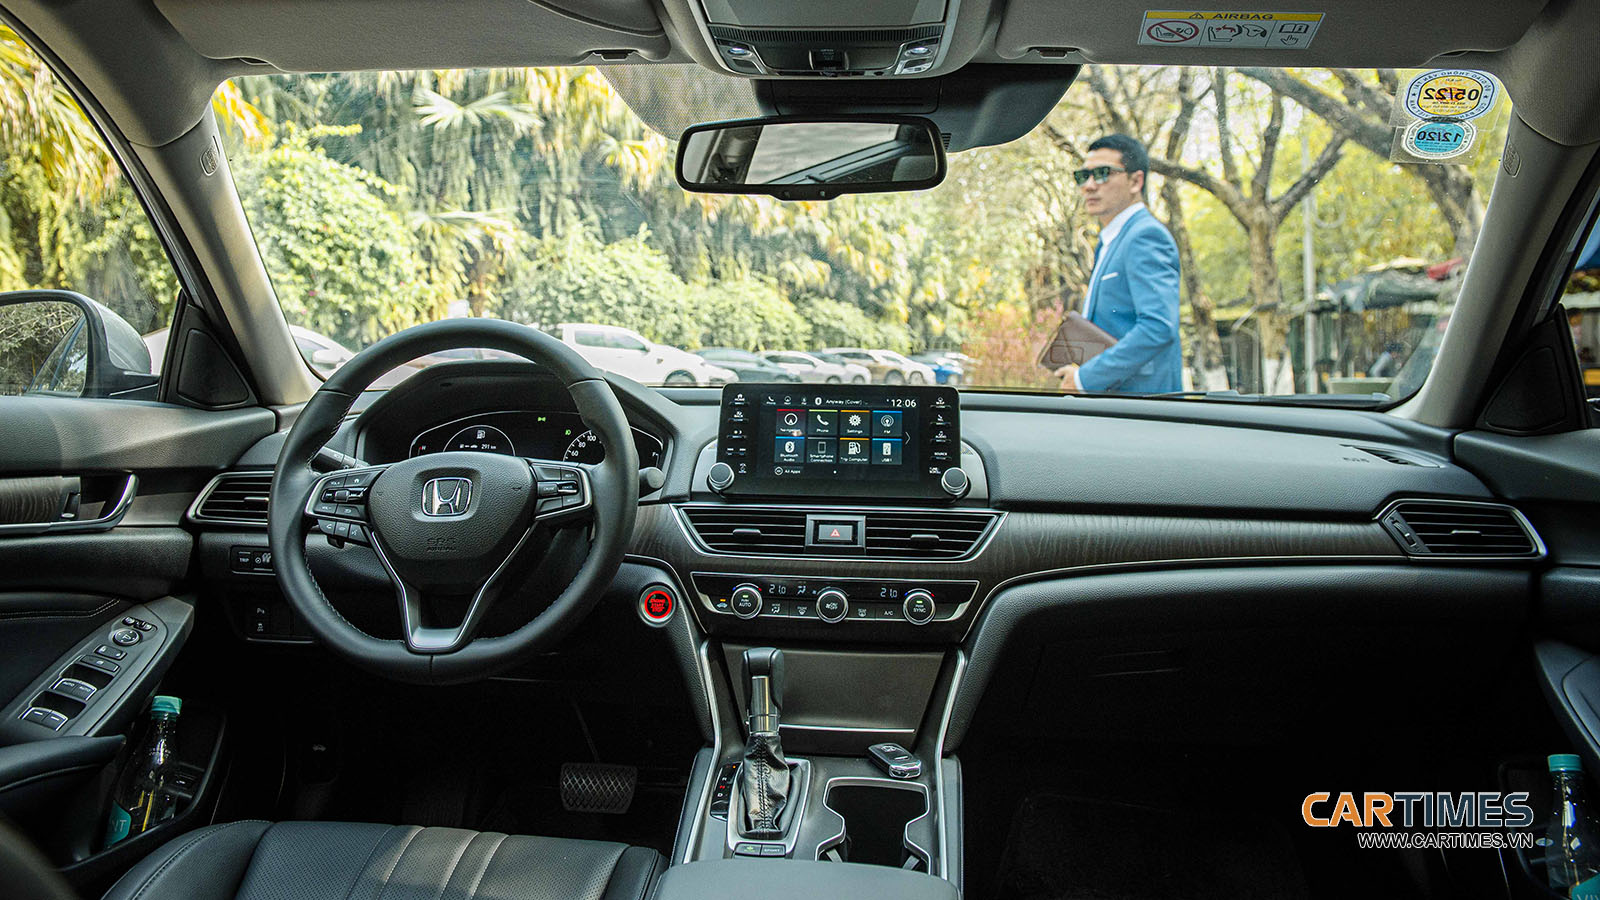 Honda Accord – Khi người trẻ đi xe sang                                            -7